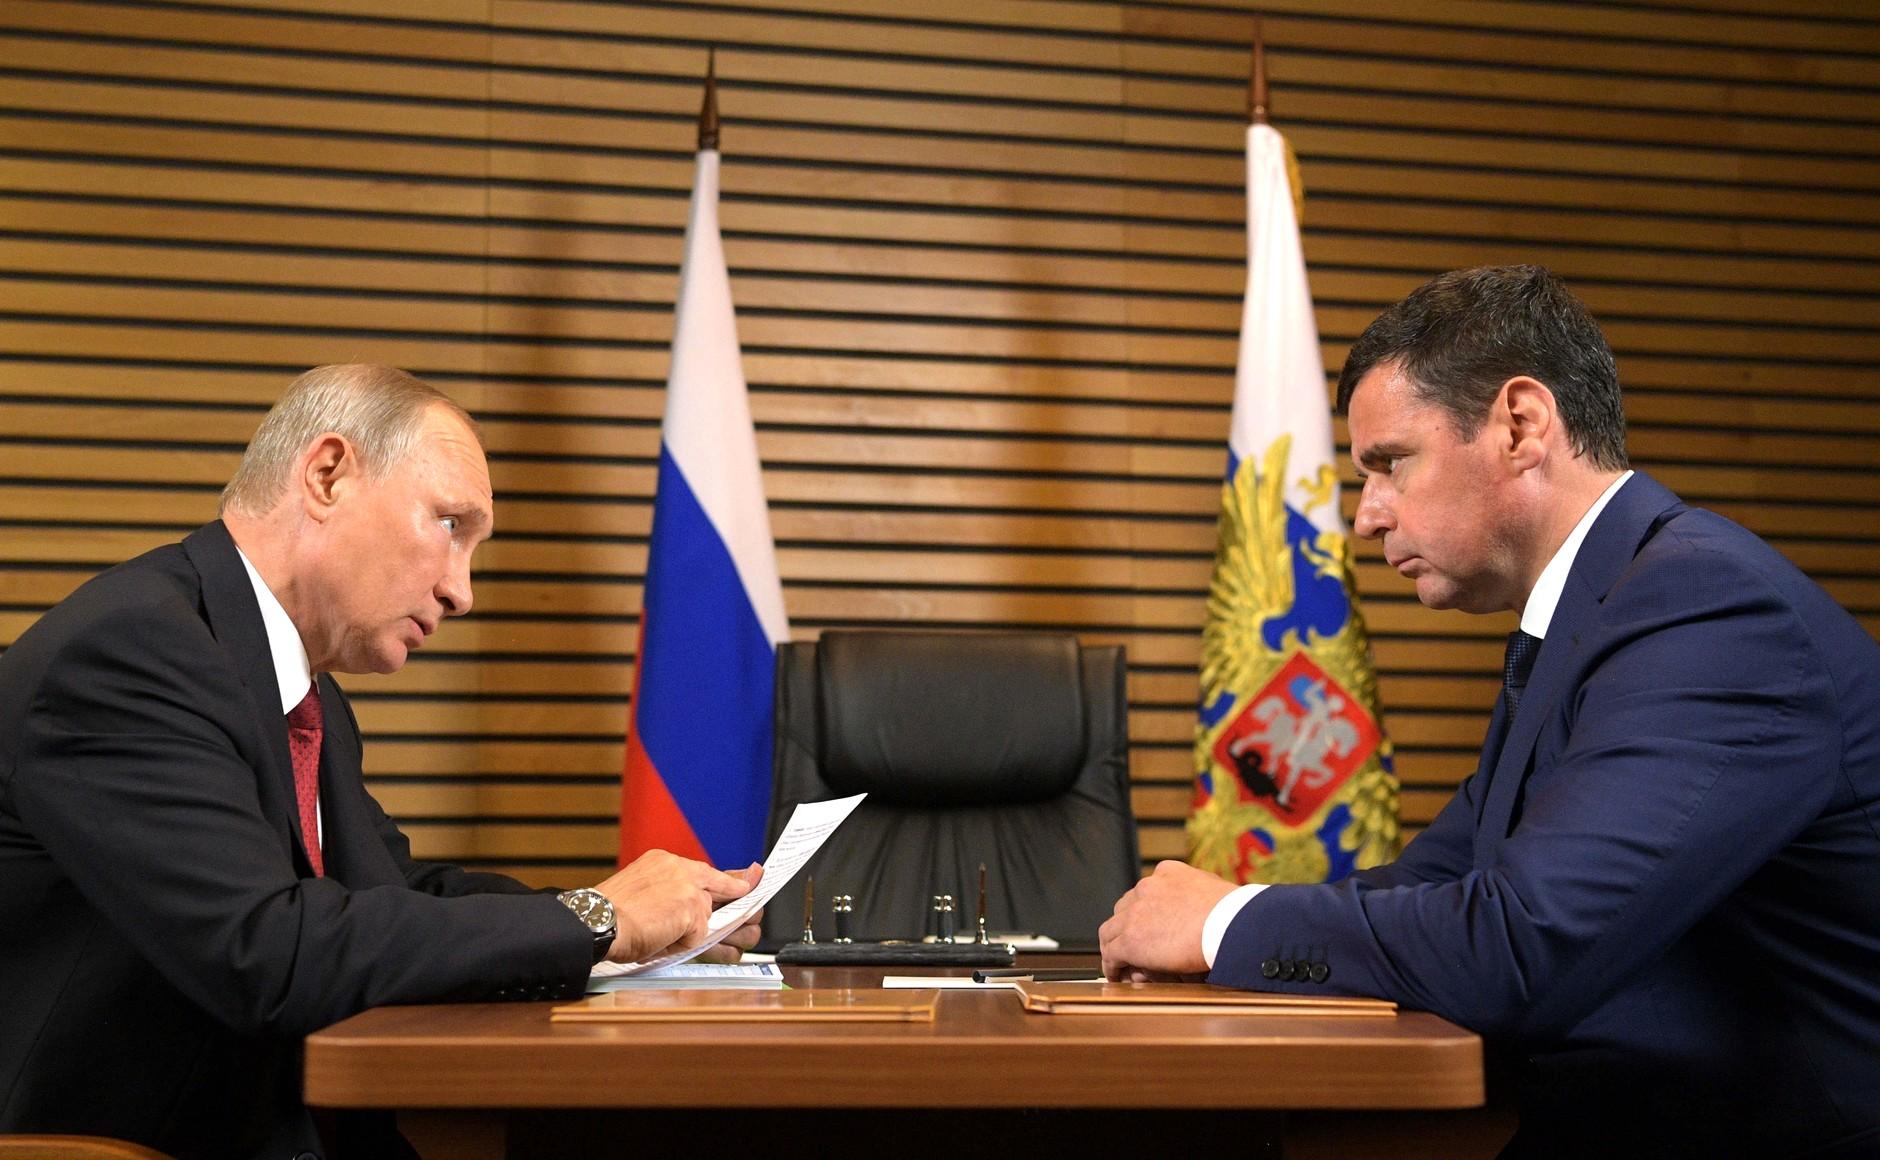 О чем глава региона Дмитрий Миронов говорил с Владимиром Путиным